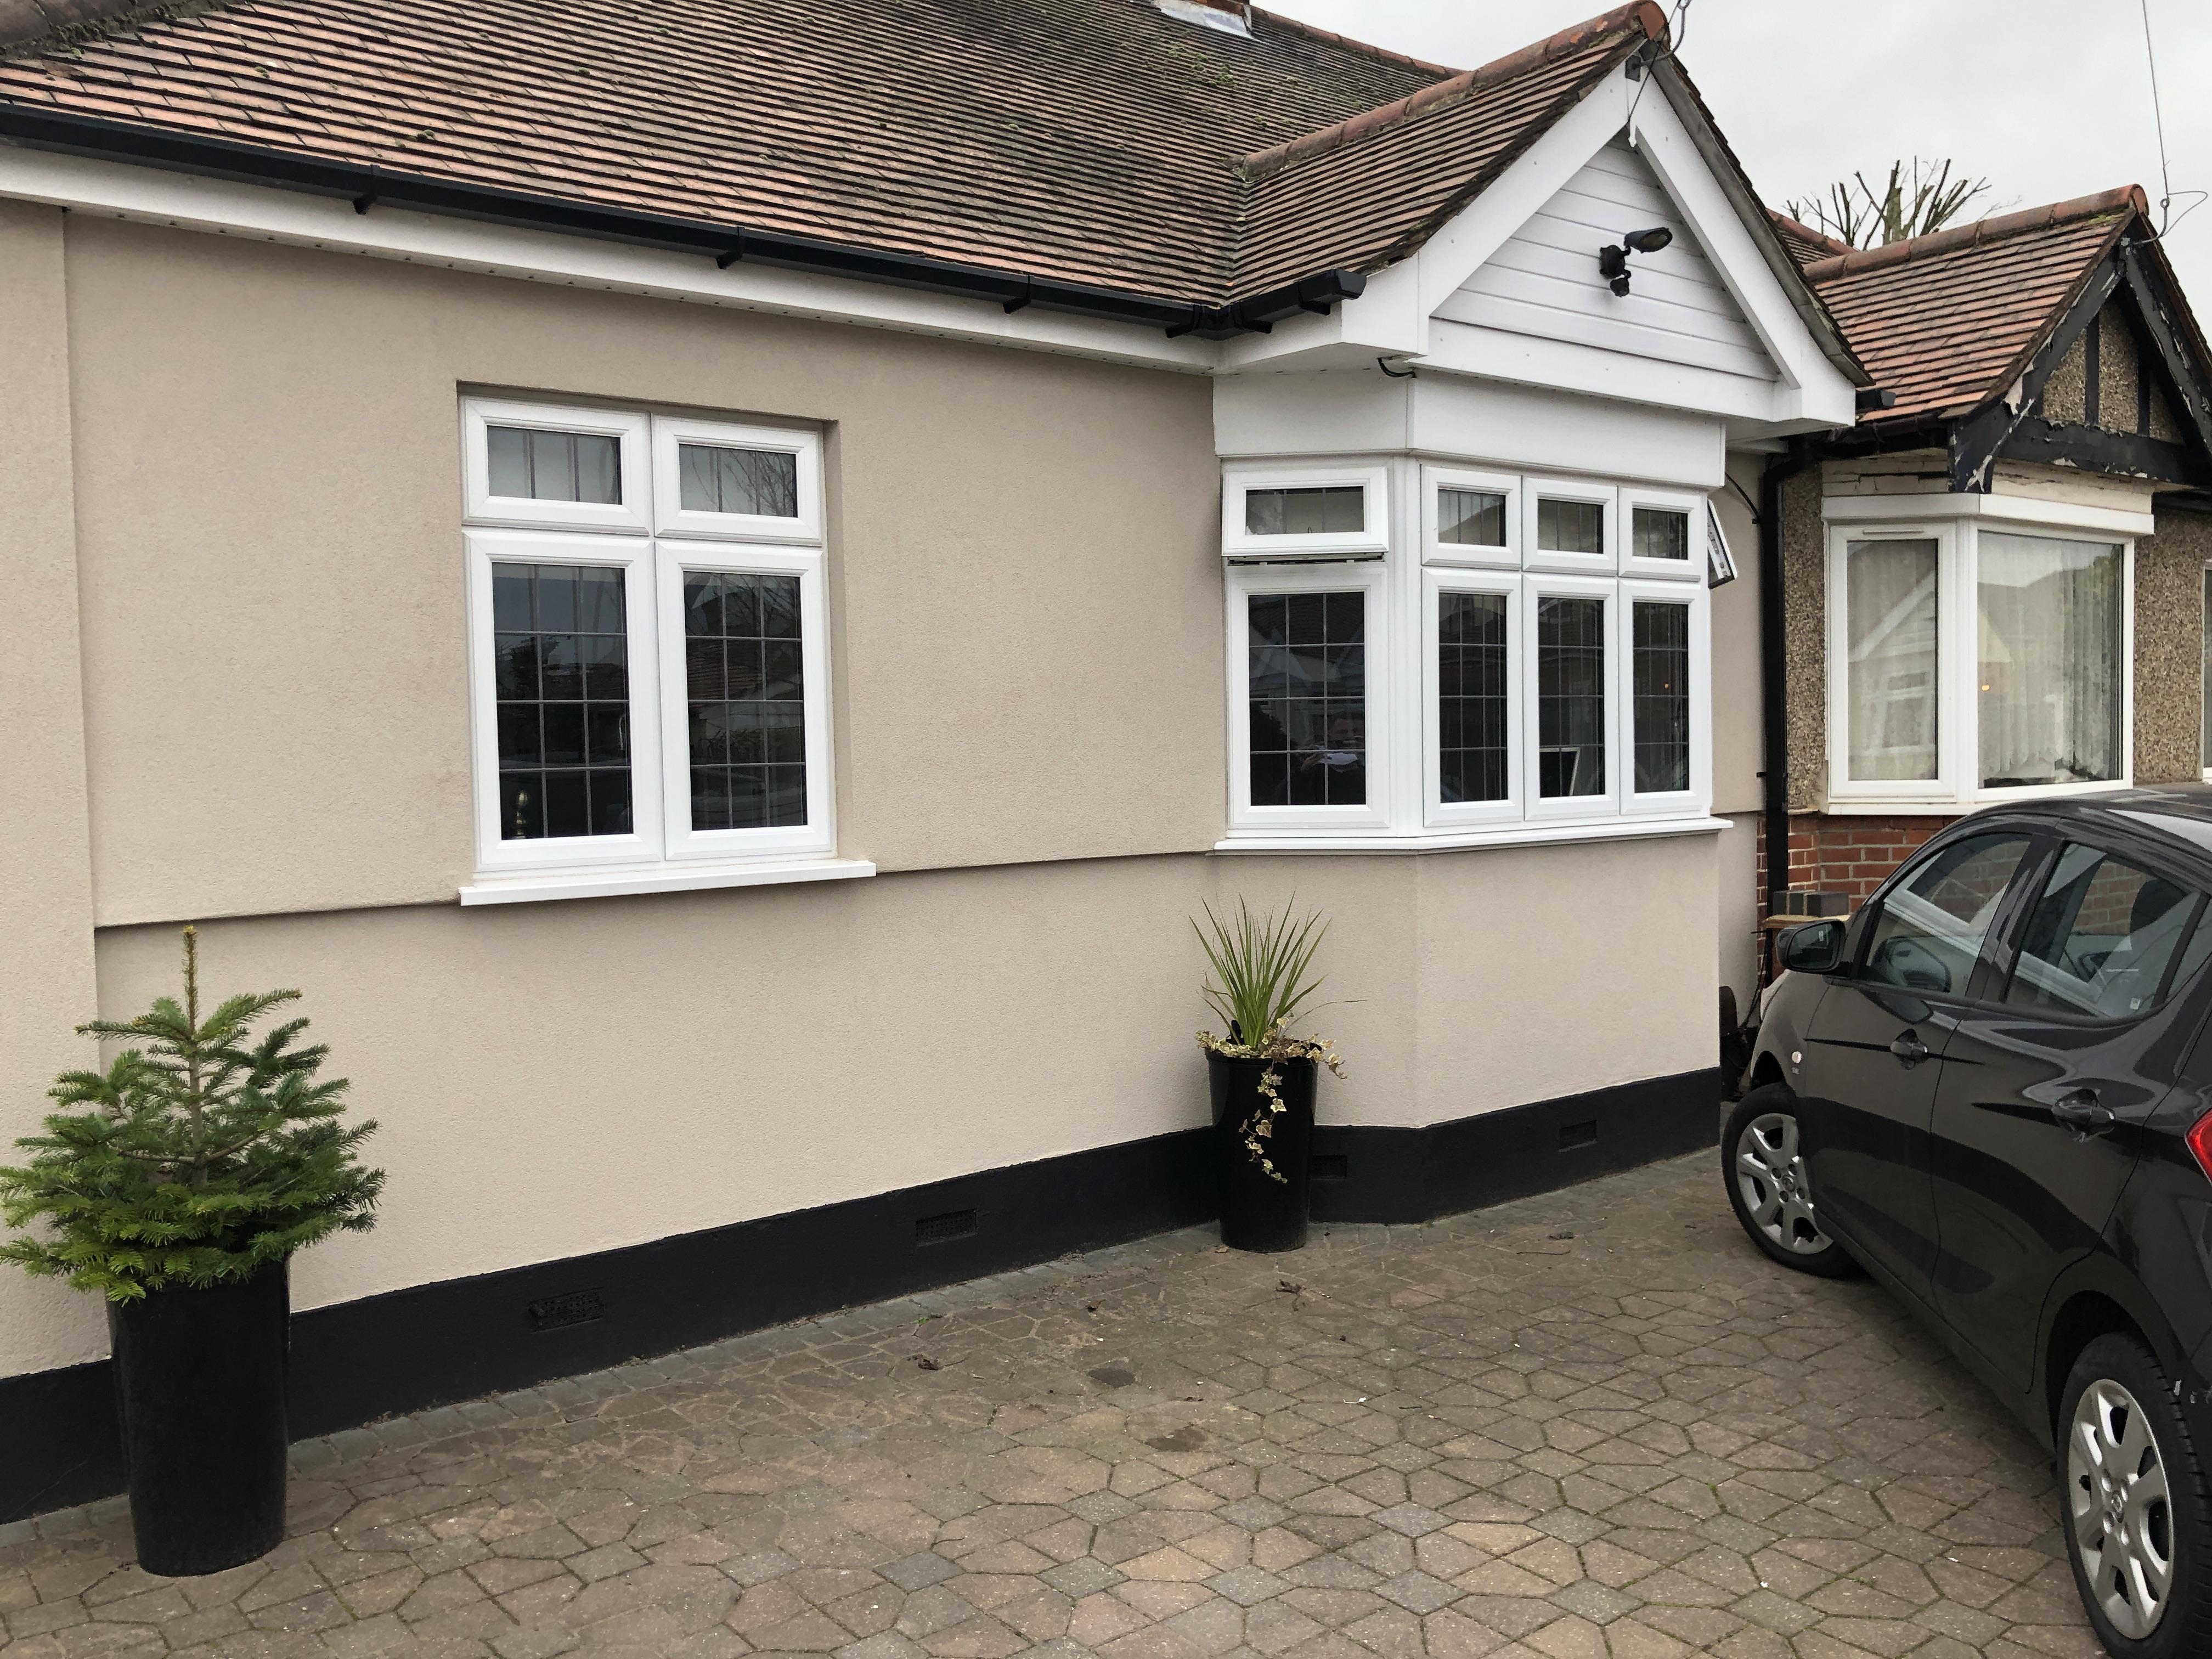 Windows & Doors, Orangeries, Roofs, Extensions, Sovereign Home, Essex - HOME PAGE - v2 (4)Windows & Doors, Orangeries, Roofs, Extensions, Sovereign Home, Essex - HOME PAGE - v2 (4)Windows & Doors, Orangeries, Roofs, Extensions, Sovereign Home, Essex - HOME PAGE - v2 (4)Windows & Doors, Orangeries, Roofs, Extensions, Sovereign Home, Essex - HOME PAGE - v2 (4)Windows & Doors, Orangeries, Roofs, Extensions, Sovereign Home, Essex - HOME PAGE - v2 (4)Windows & Doors, Orangeries, Roofs, Extensions, Sovereign Home, Essex - HOME PAGE - v2 (4)Windows & Doors, Orangeries, Roofs, Extensions, Sovereign Home, Essex - HOME PAGE - v2 (4)Windows & Doors, Orangeries, Roofs, Extensions, Sovereign Home, Essex - HOME PAGE - v2 (4)Windows & Doors, Orangeries, Roofs, Extensions, Sovereign Home, Essex - HOME PAGE - v2 (4)Windows & Doors, Orangeries, Roofs, Extensions, Sovereign Home, Essex - HOME PAGE - v2 (4)Windows & Doors, Orangeries, Roofs, Extensions, Sovereign Home, Essex - HOME PAGE - v2 (4)Windows & Doors, Orangeries, Roofs, Extensions, Sovereign Home, Essex - HOME PAGE - v2 (4)Windows & Doors, Orangeries, Roofs, Extensions, Sovereign Home, Essex - HOME PAGE - v2 (4)Windows & Doors, Orangeries, Roofs, Extensions, Sovereign Home, Essex - HOME PAGE - v2 (4)Windows & Doors, Orangeries, Roofs, Extensions, Sovereign Home, Essex - HOME PAGE - v2 (4)Windows & Doors, Orangeries, Roofs, Extensions, Sovereign Home, Essex - HOME PAGE - v2 (4)Windows & Doors, Orangeries, Roofs, Extensions, Sovereign Home, Essex - HOME PAGE - v2 (4)Windows & Doors, Orangeries, Roofs, Extensions, Sovereign Home, Essex - HOME PAGE - v2 (4)Windows & Doors, Orangeries, Roofs, Extensions, Sovereign Home, Essex - HOME PAGE - v2 (4)